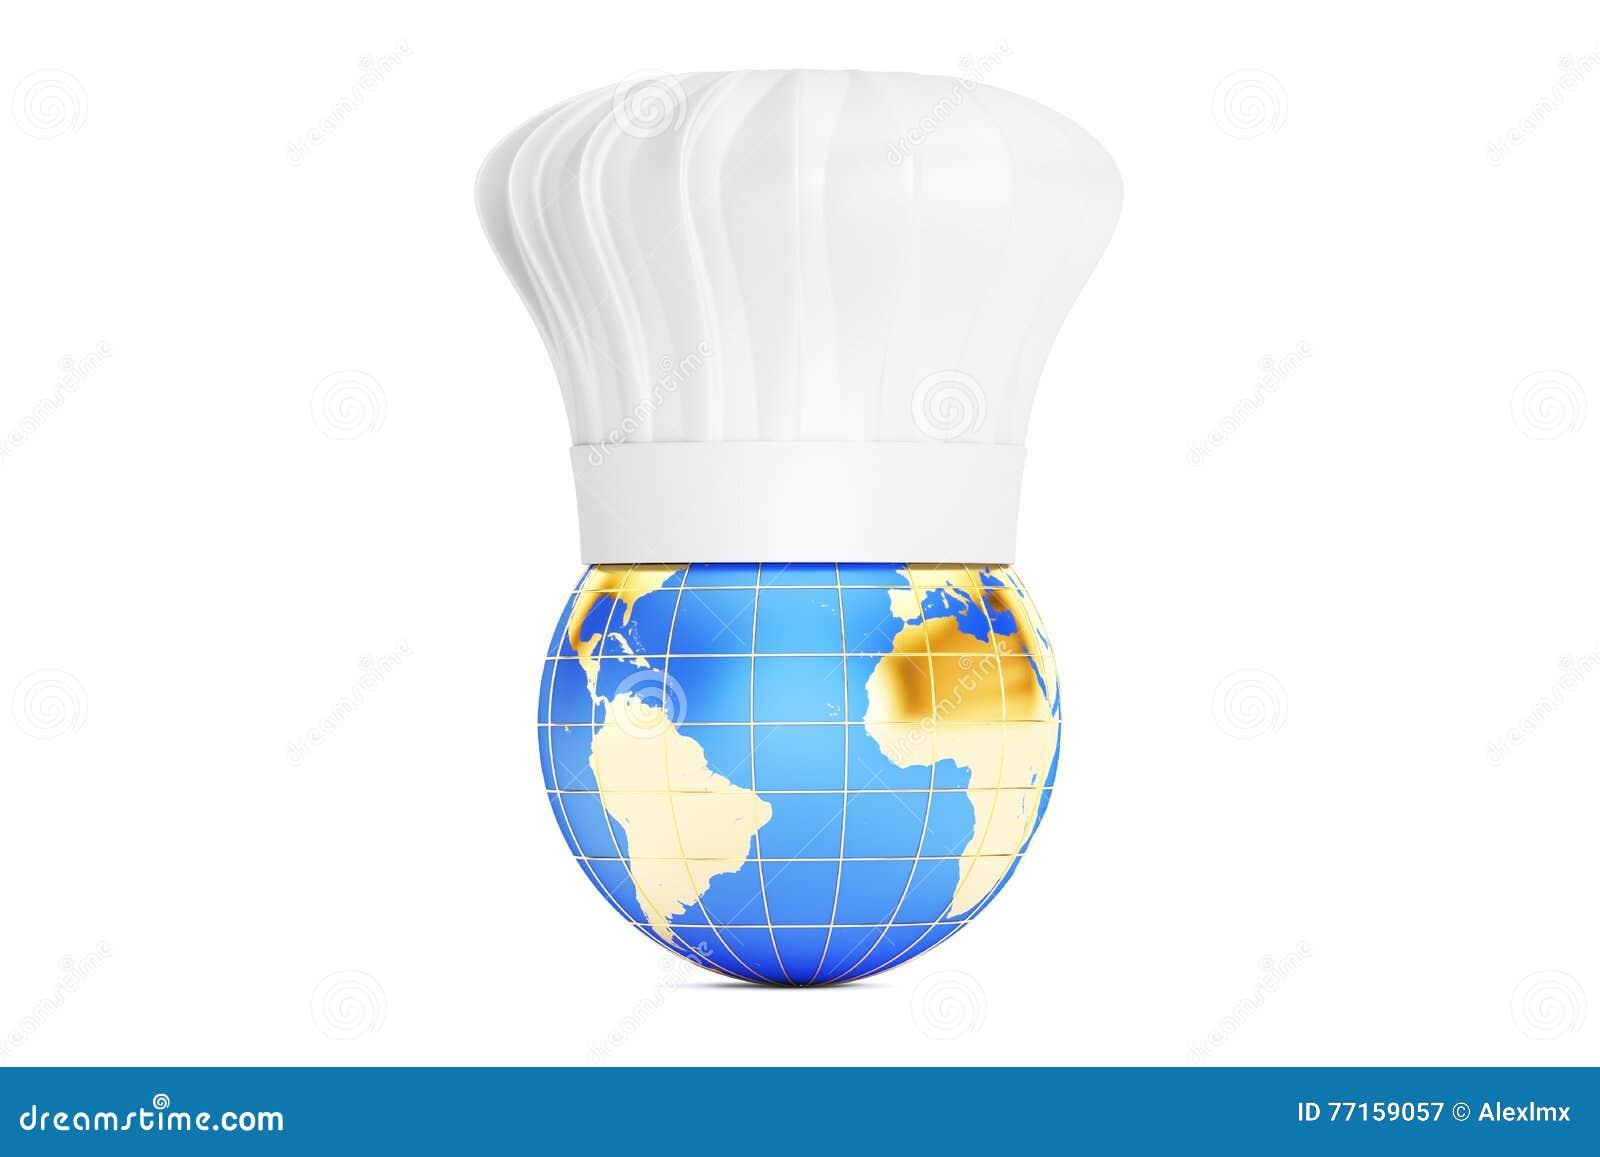 Mettez à la terre avec le chapeau de chefs, concept international de cuisine rendu 3d